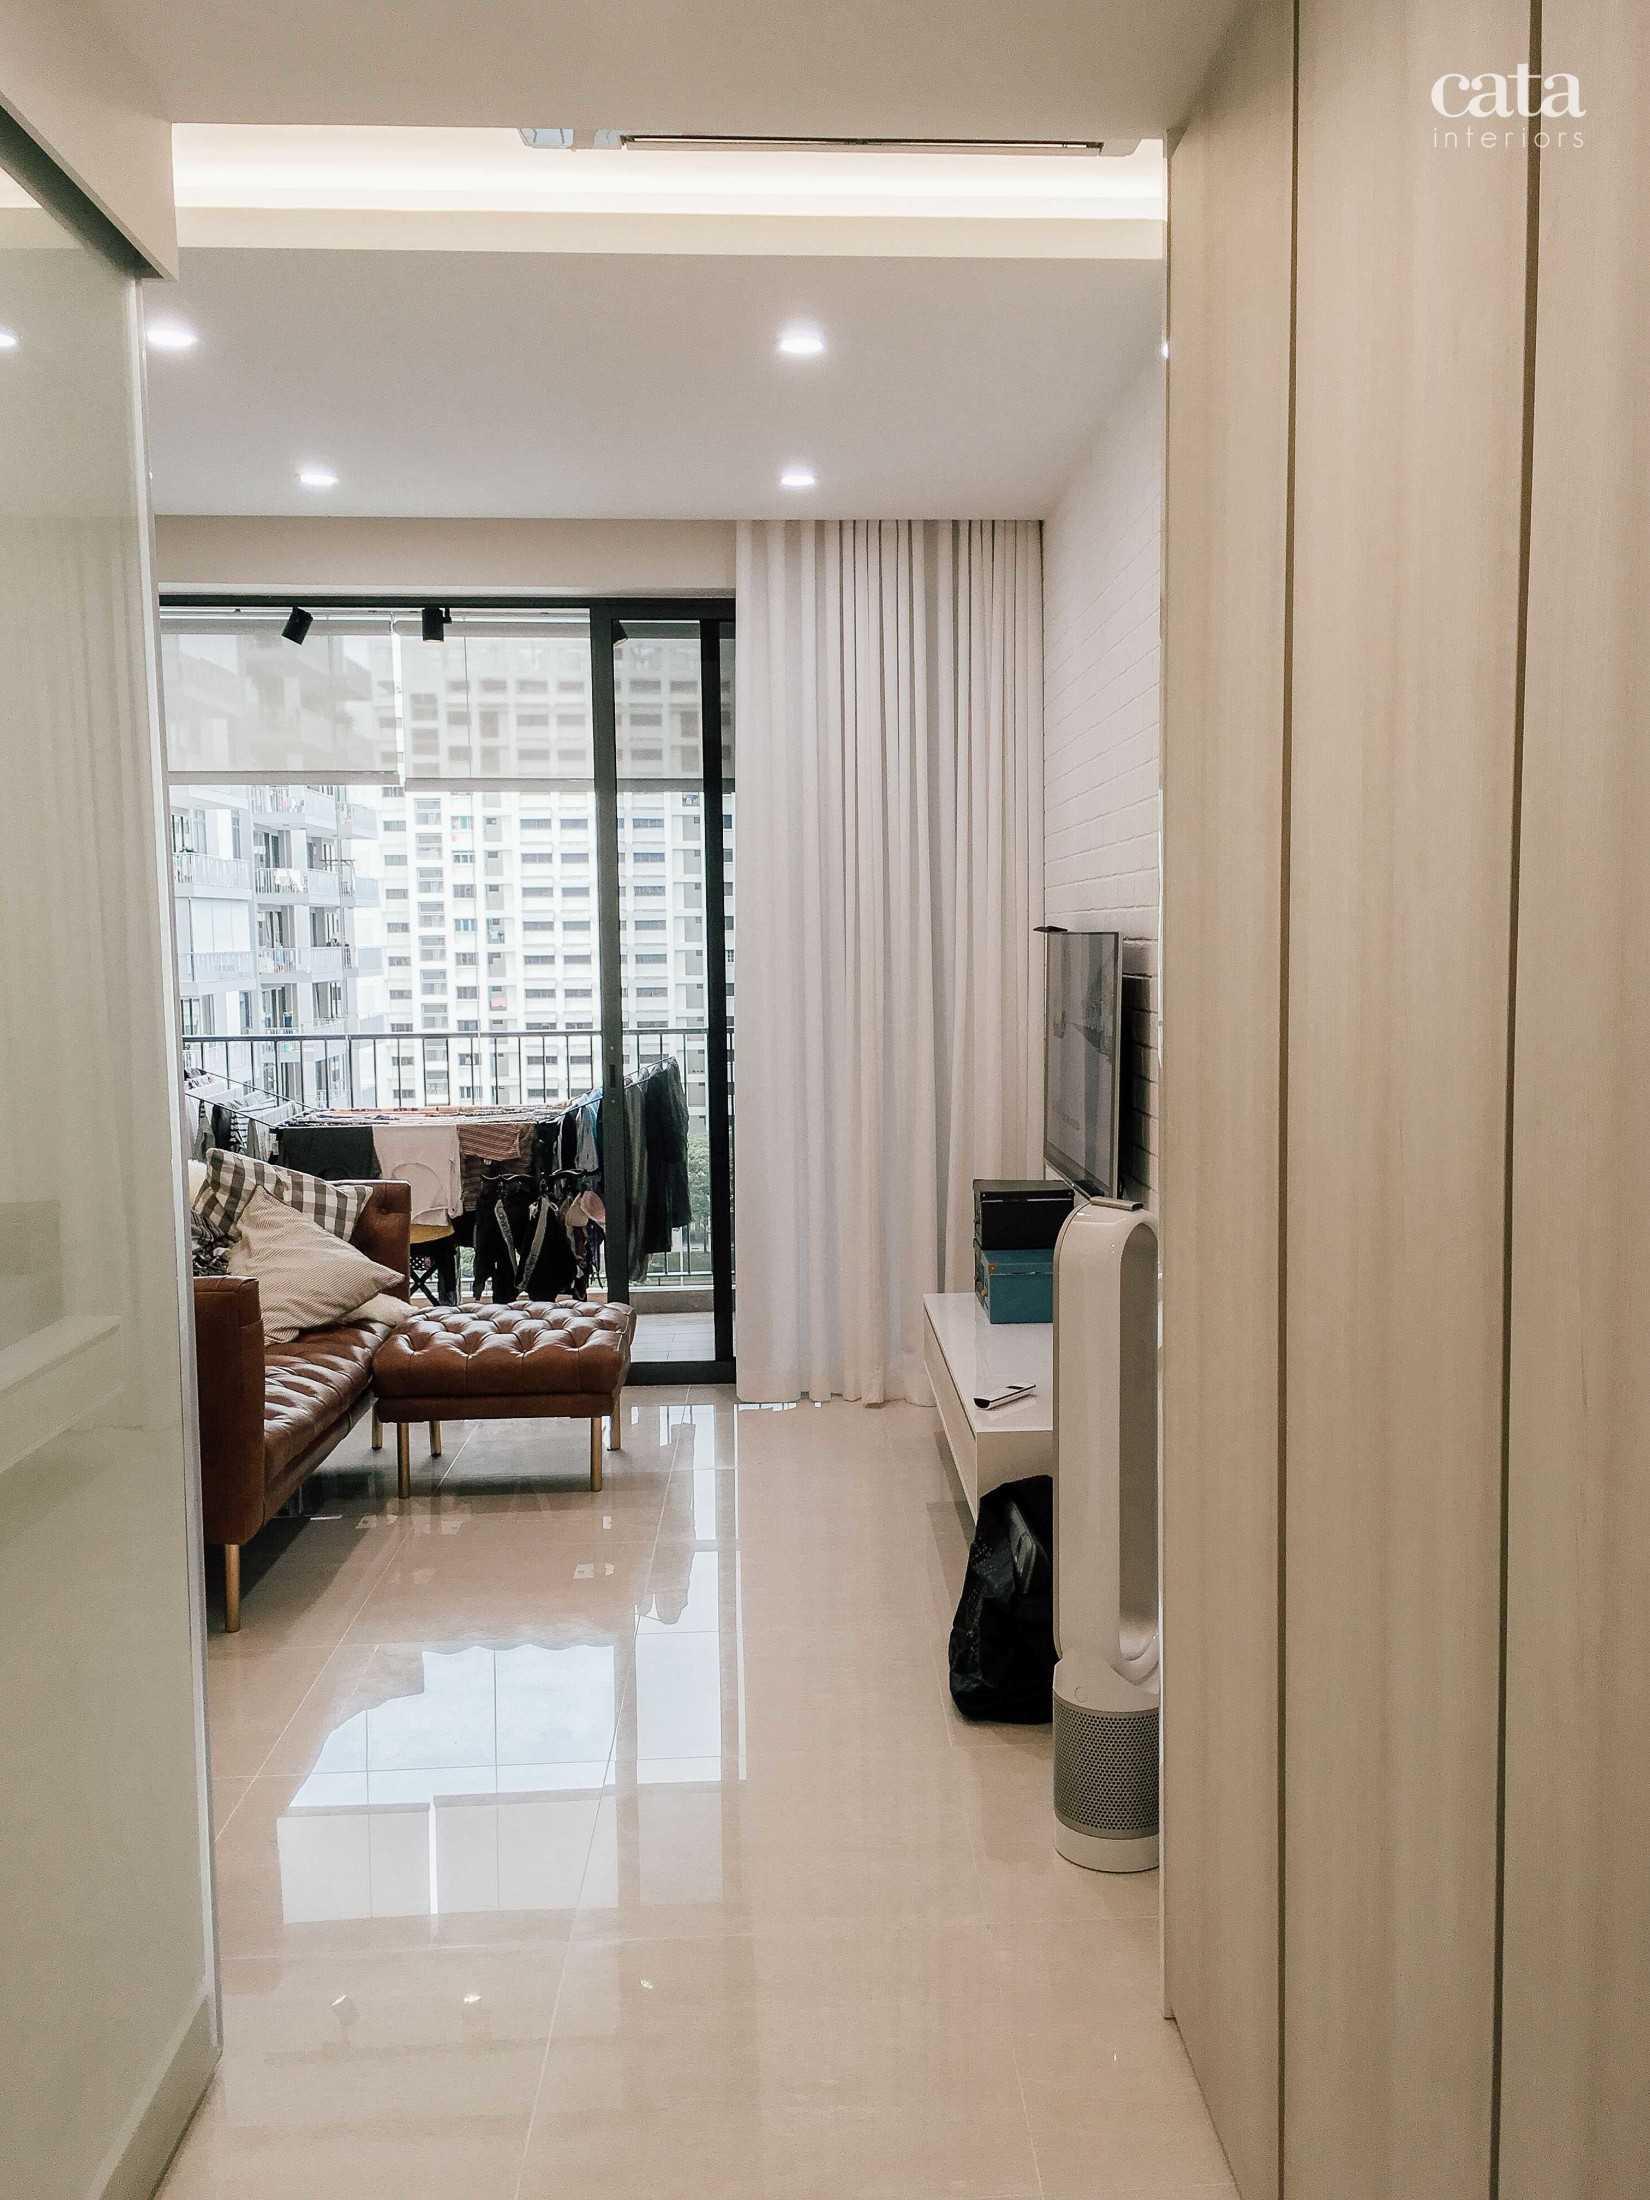 Cata Interiors La Fiesta Condominium, Singapore 50-74 Sengkang Square, Singapura 544700 50-74 Sengkang Square, Singapura 544700 Cata-Interiors-La-Fiesta-Condominium-Singapore  100775